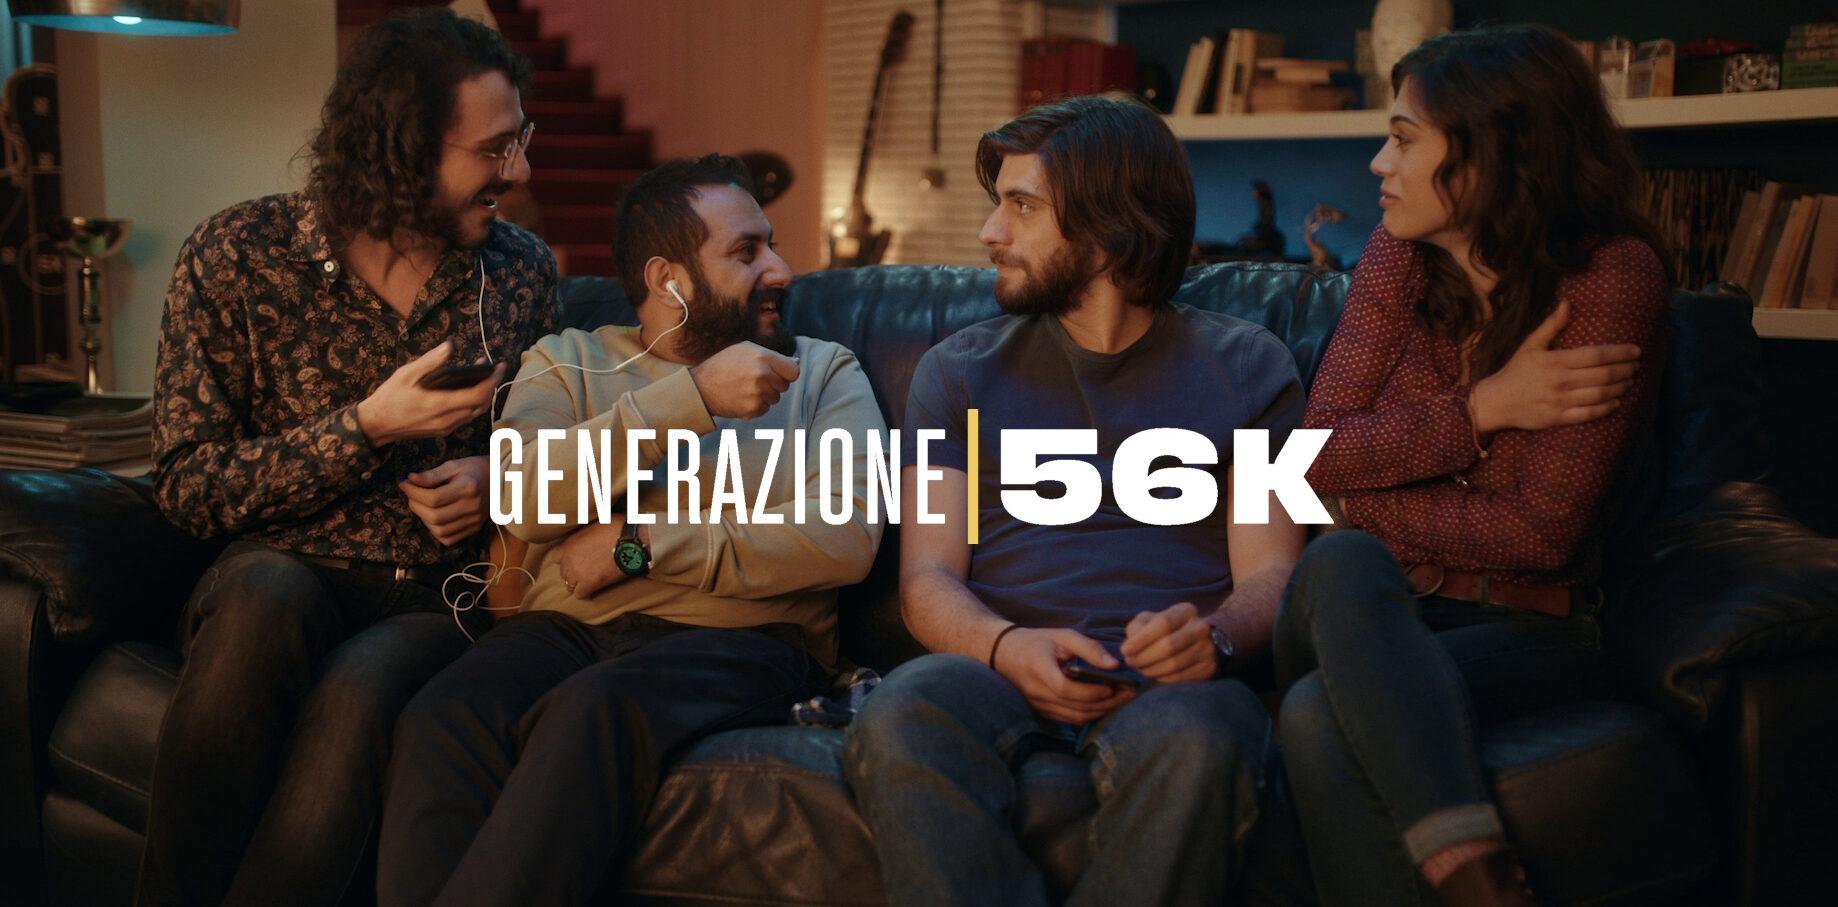 NETFLIX LE NOVITÀ DI LUGLIO 2021: IL MADE IN ITALY DI GENERAZIONE 56K E A  CLASSIC HORROR STORY, VIRGIN RIVER 3, RESIDENT EVIL: INFINITE DARKNESS, LA  TRILOGIA FEAR STREET | BubinoBlog - Ascolti e Notizie sulla Tv